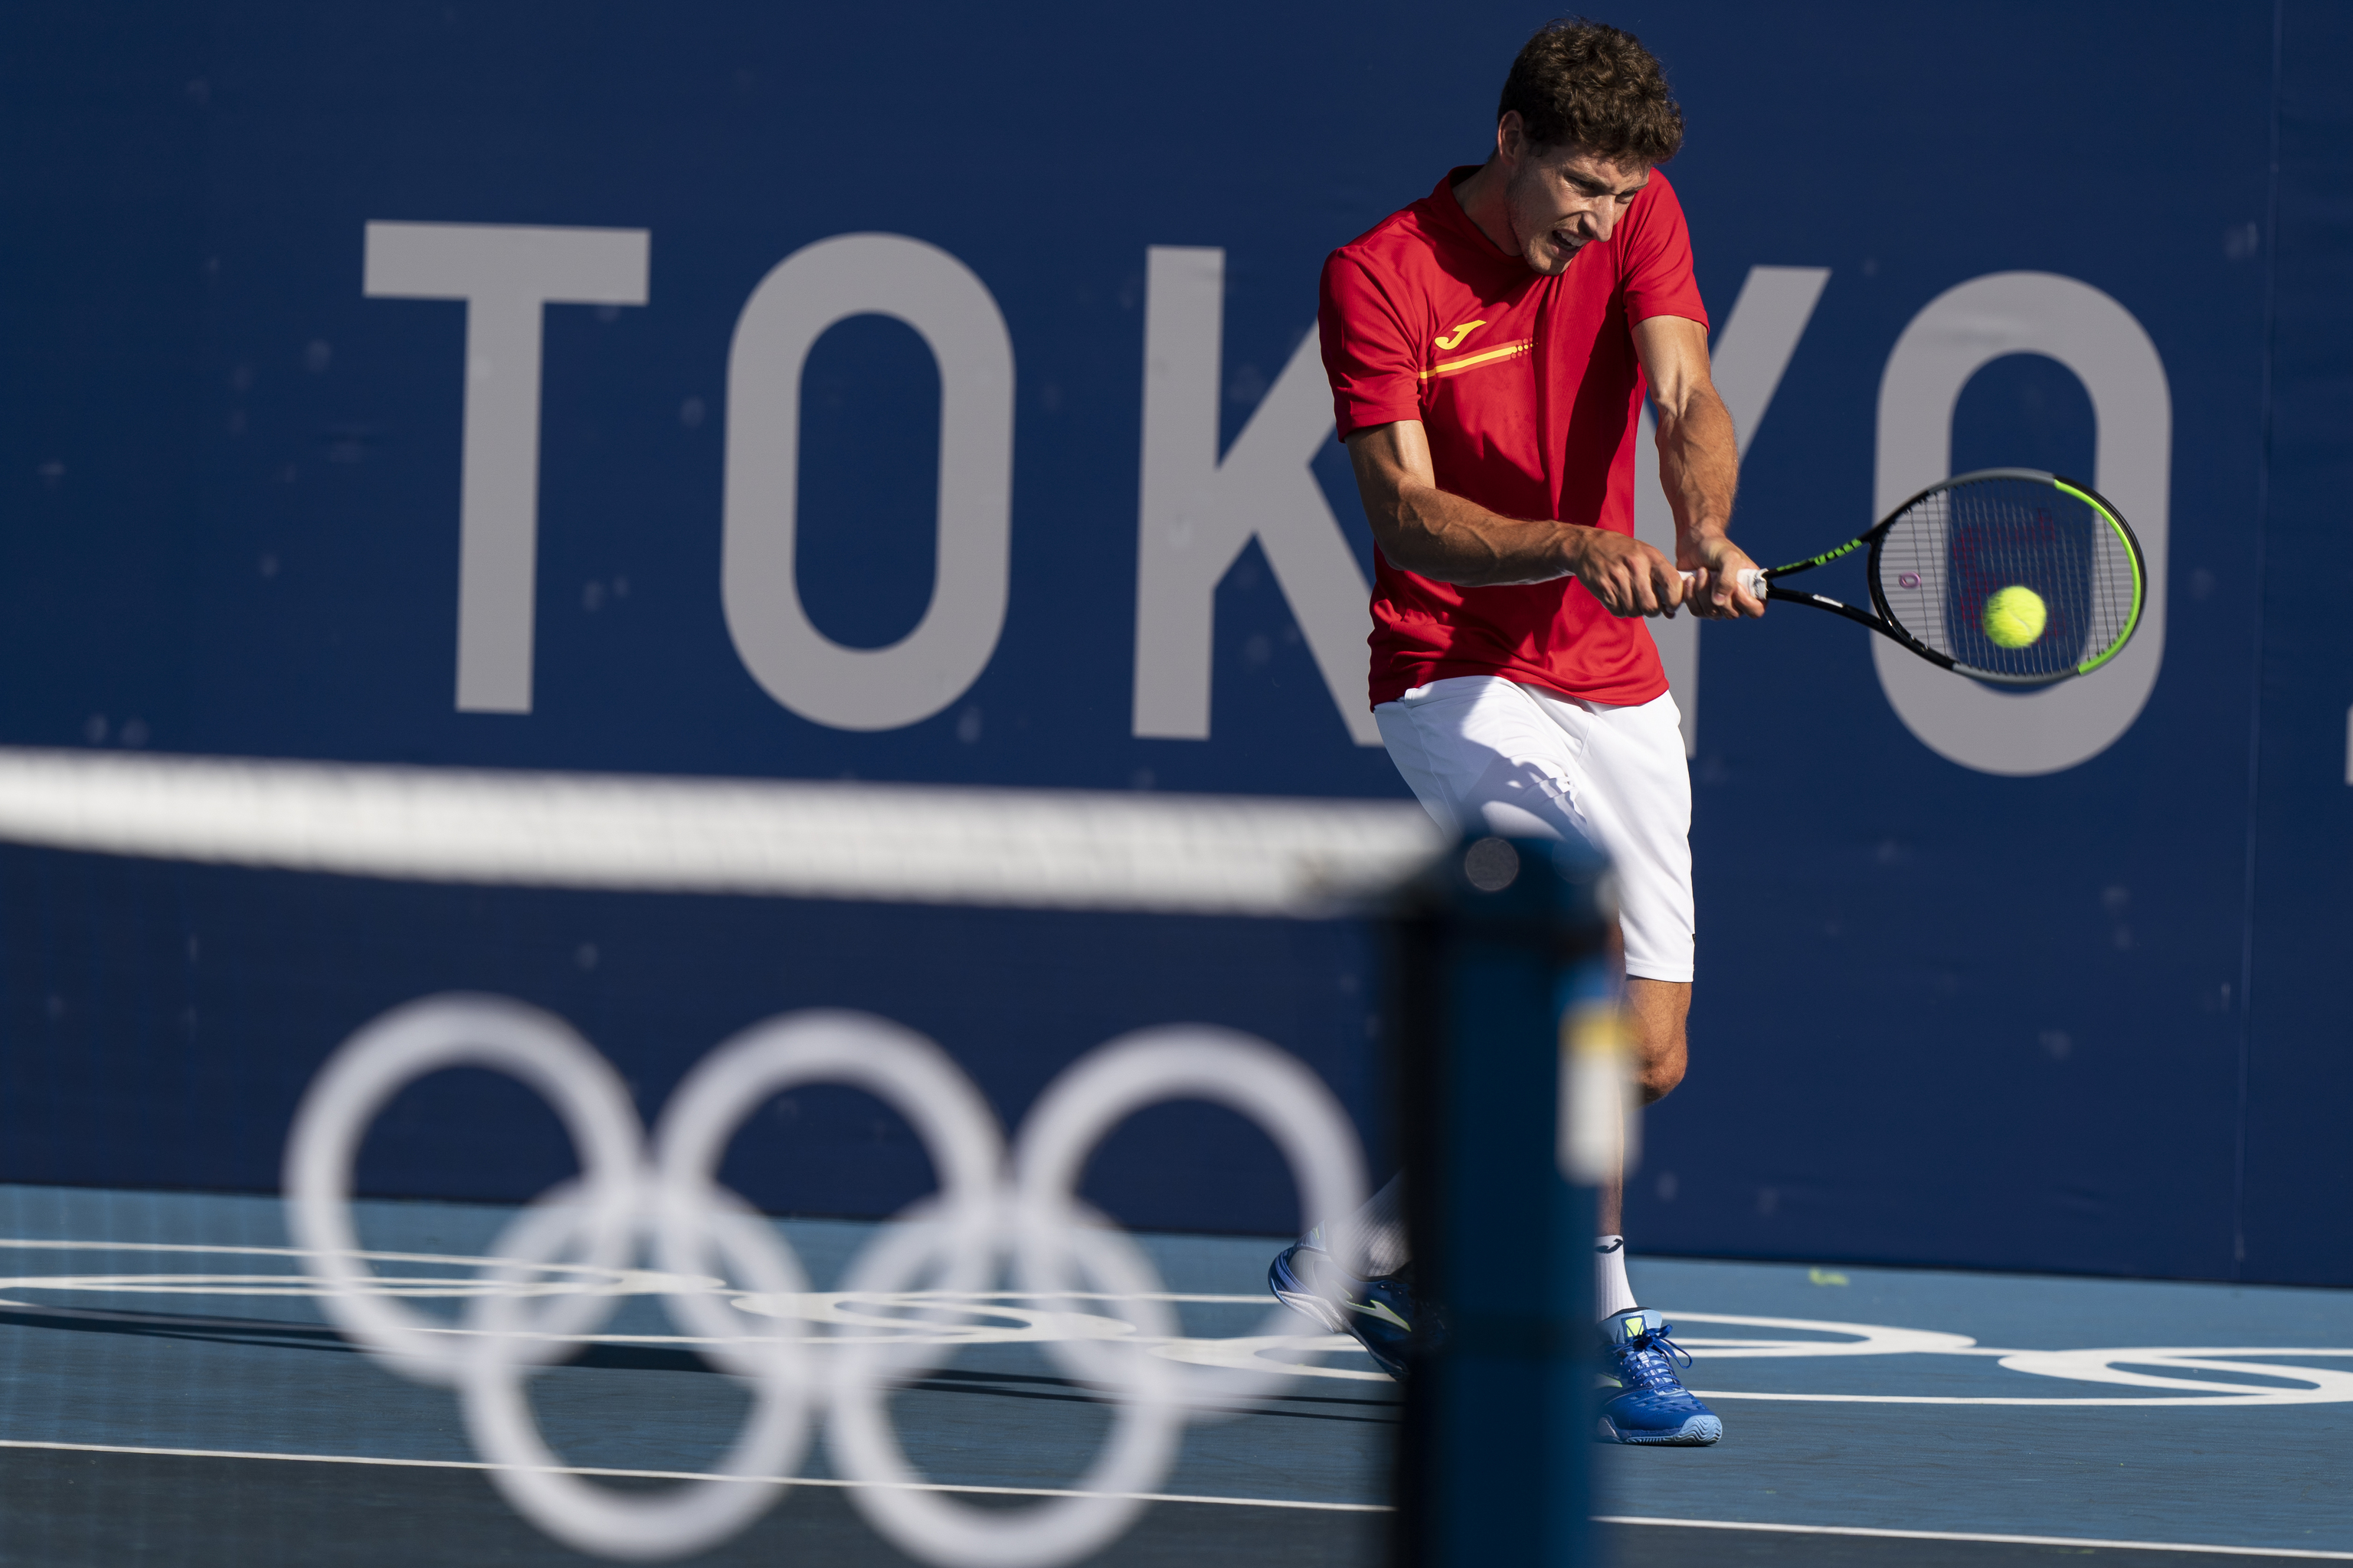 Pablo Carreño - Tenis - Juegos Olímpicos 2021 - Tokio 2020